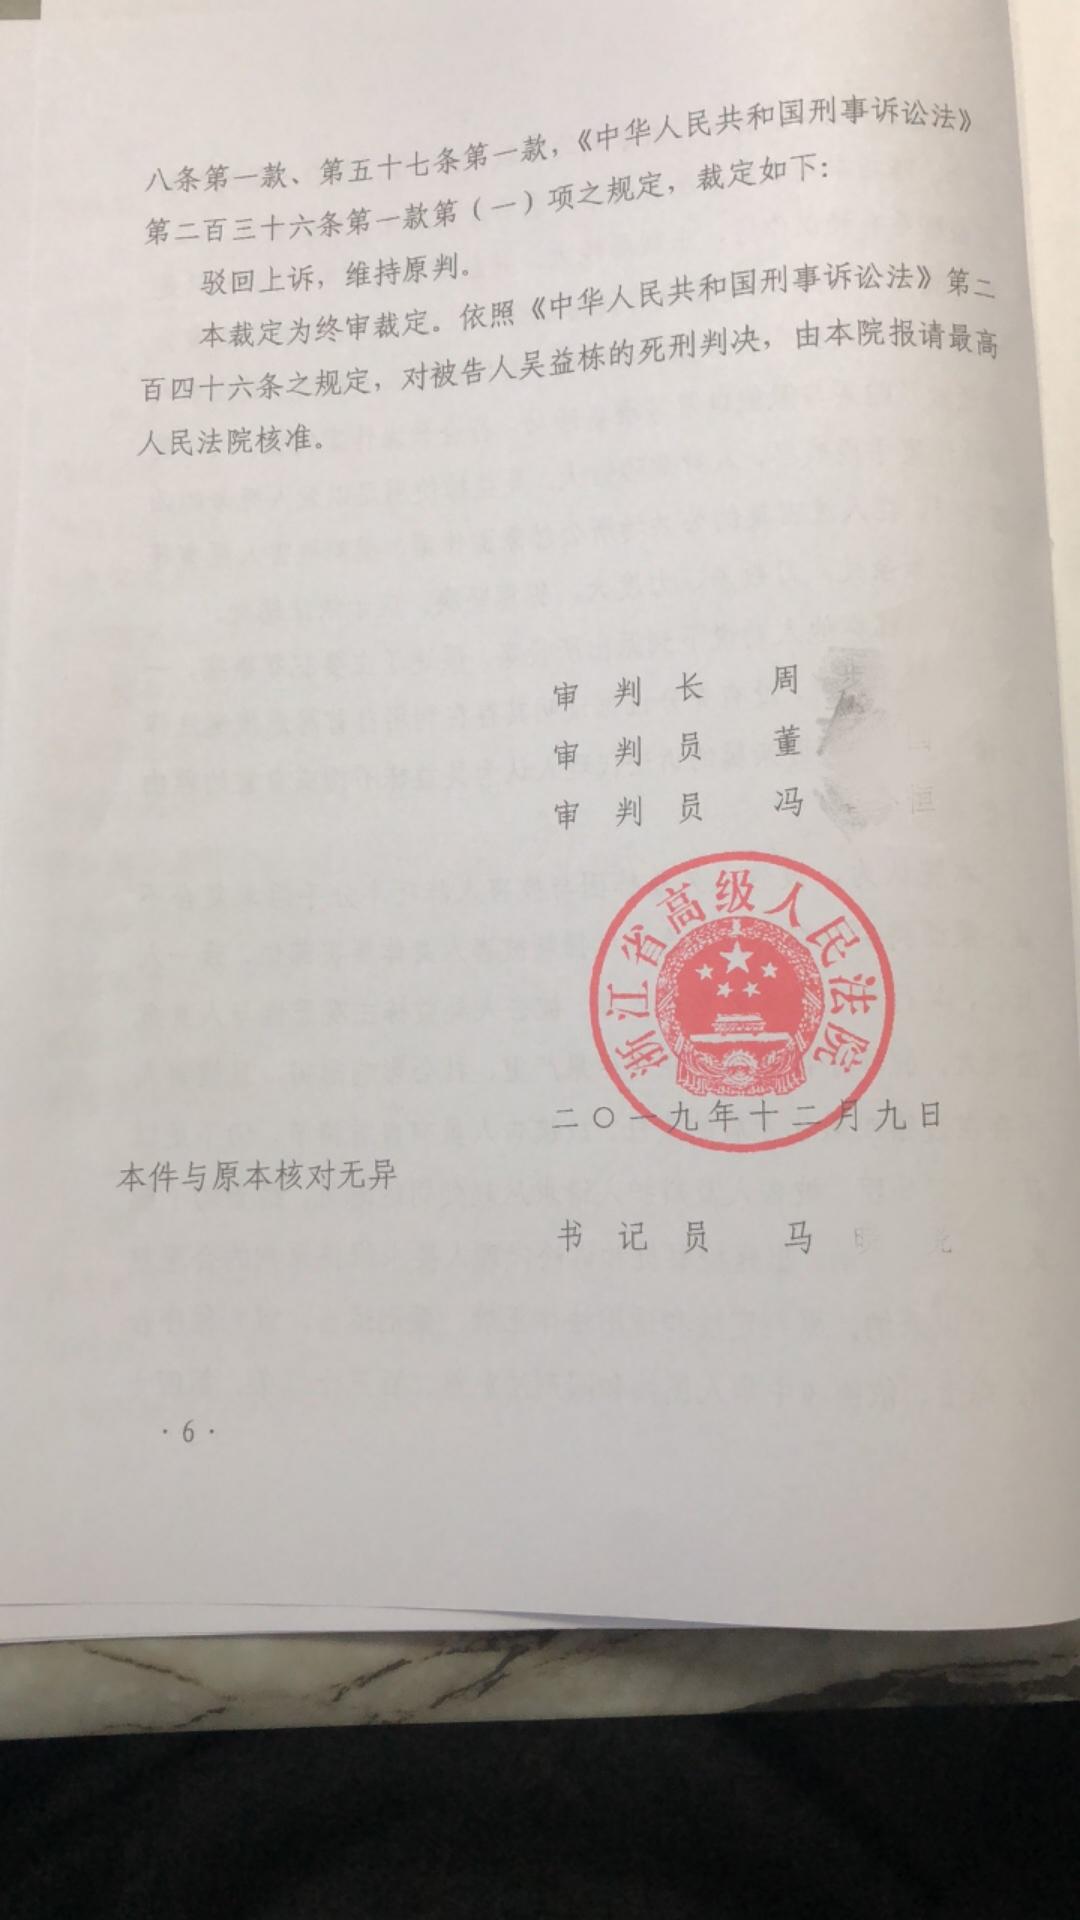 二审判决书显示,浙江省高级人民法院驳回吴某栋上诉,维持原判。受访者供图